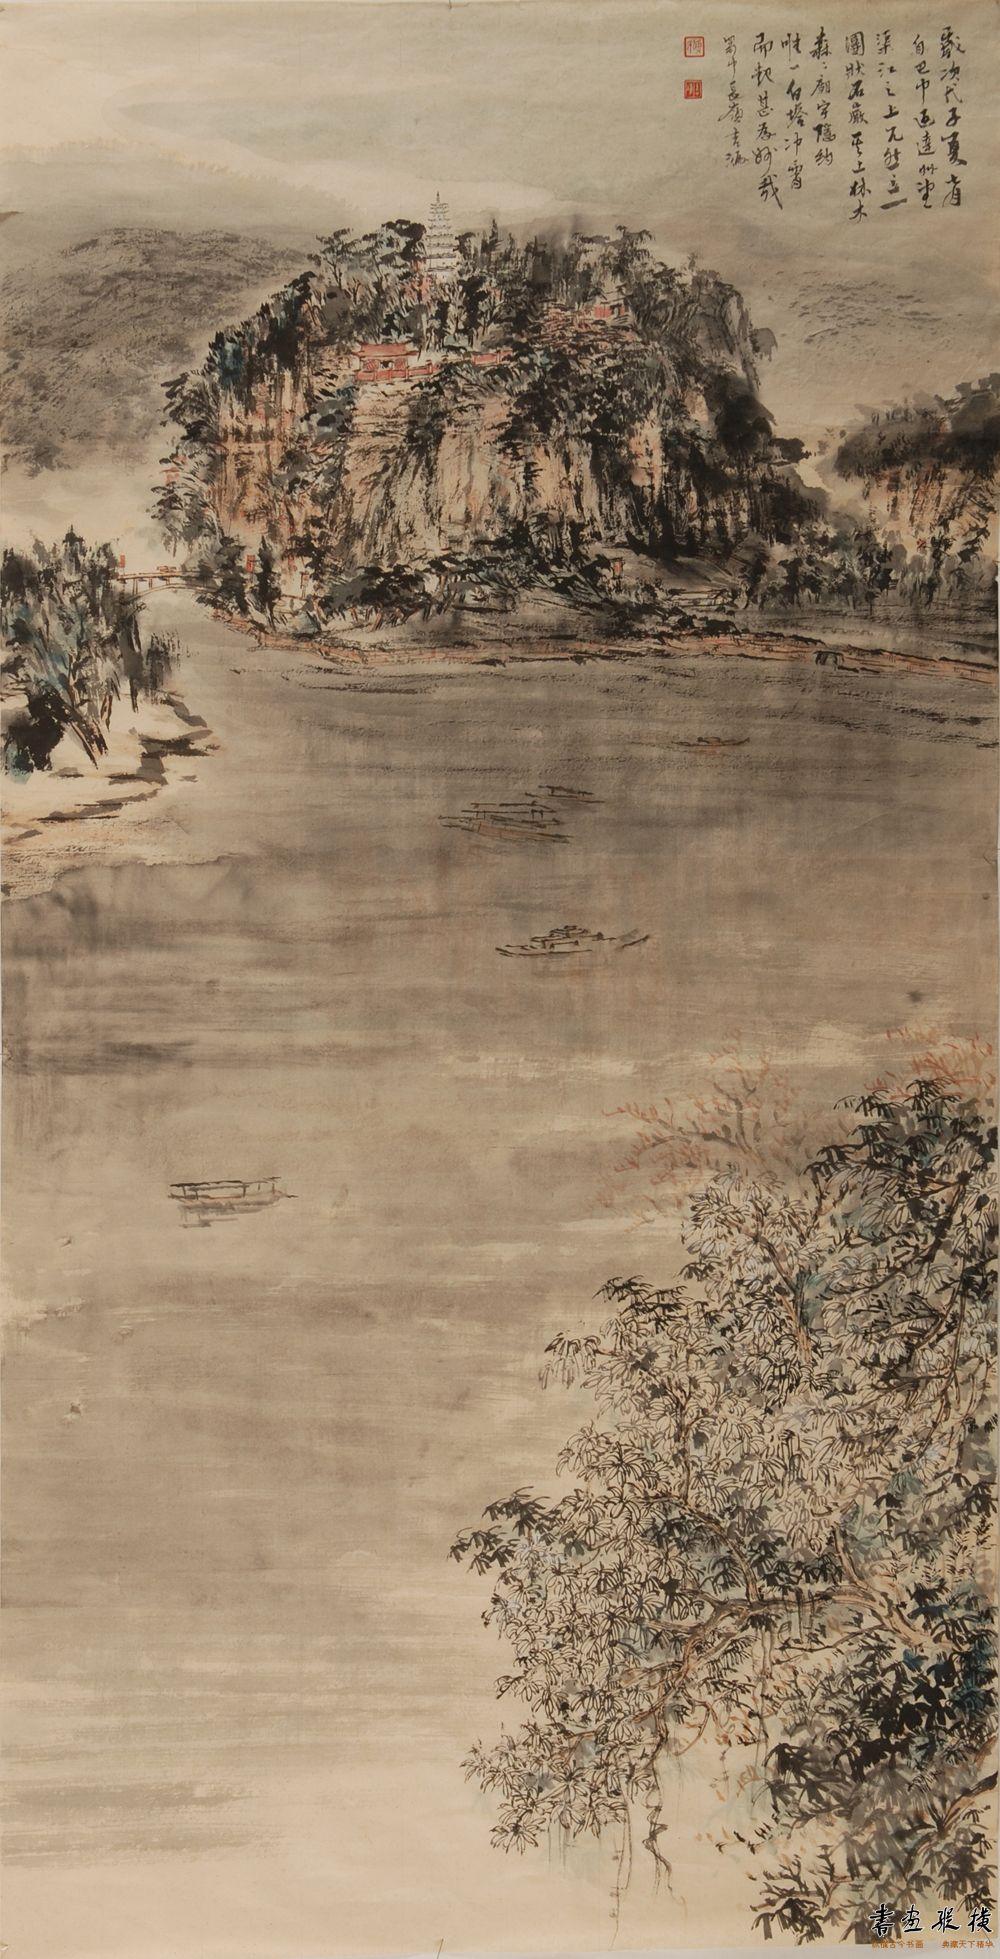 傅吉鸿 塔沱70×136cm 纸本水墨2009年